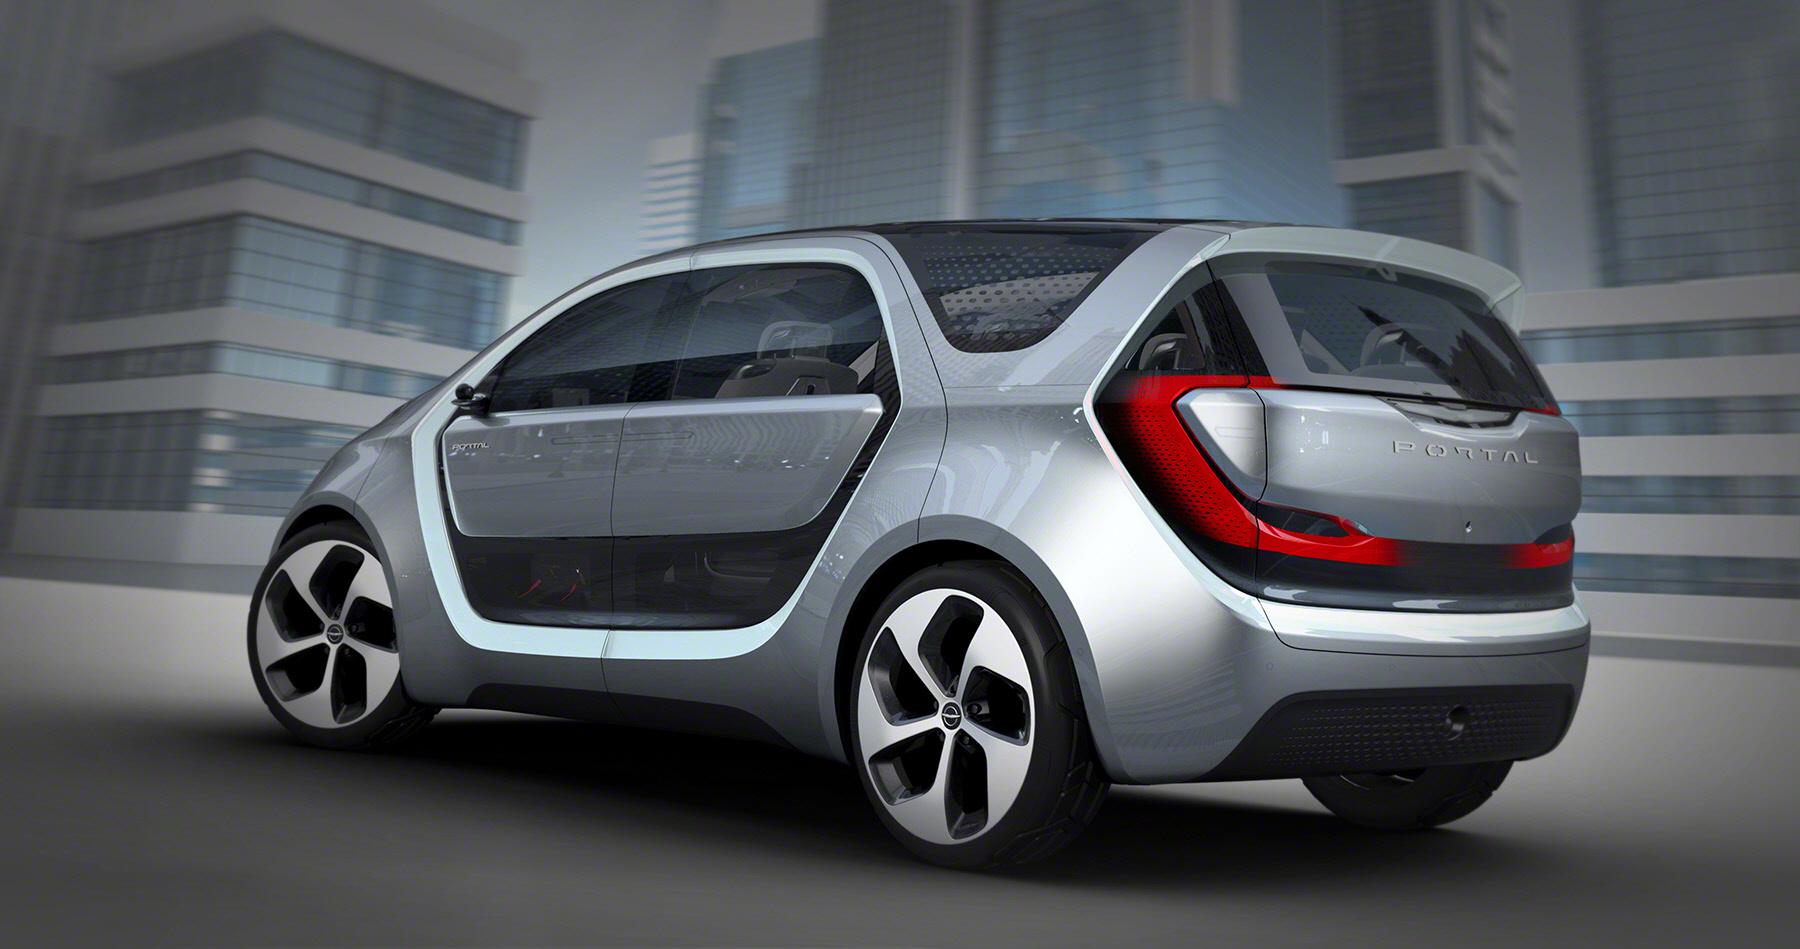 Fiat Chrysler S Portal Concept Is A Van With A Plan For Autonomous